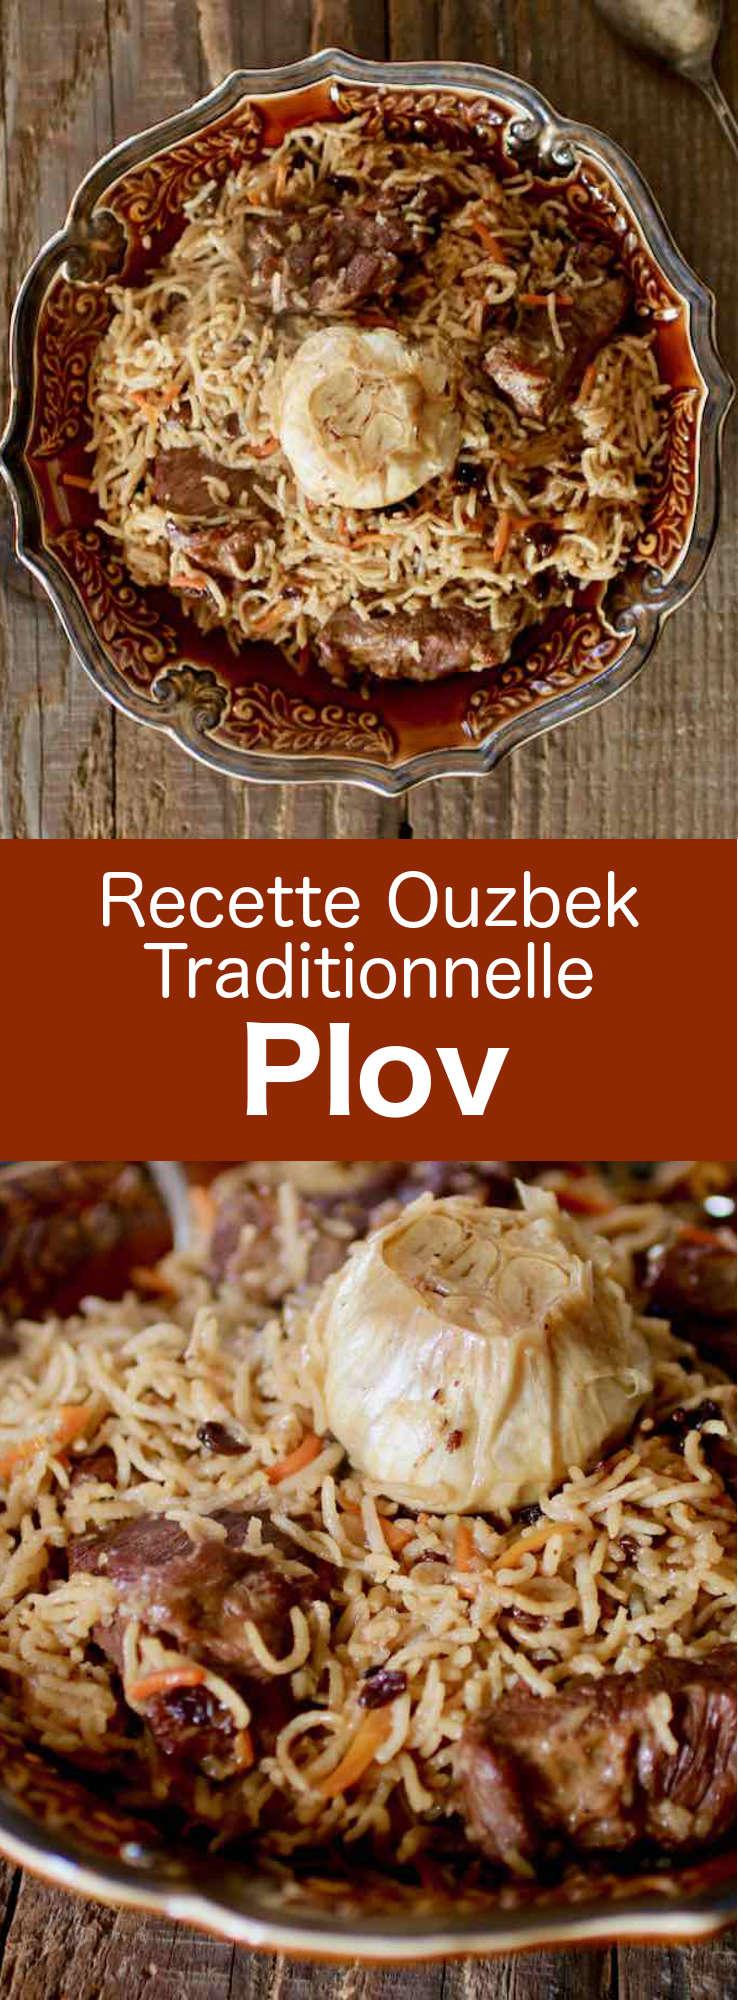 Le plov ouzbek diffère des autres préparations de riz. Ici, il mijote dans un bouillon de viande et de légumes appelé zirvak jusqu'à évaporation du liquide. #Ouzbek #AsieCentrale #CuisineOuzbek #CuisineDuMonde #196flavors